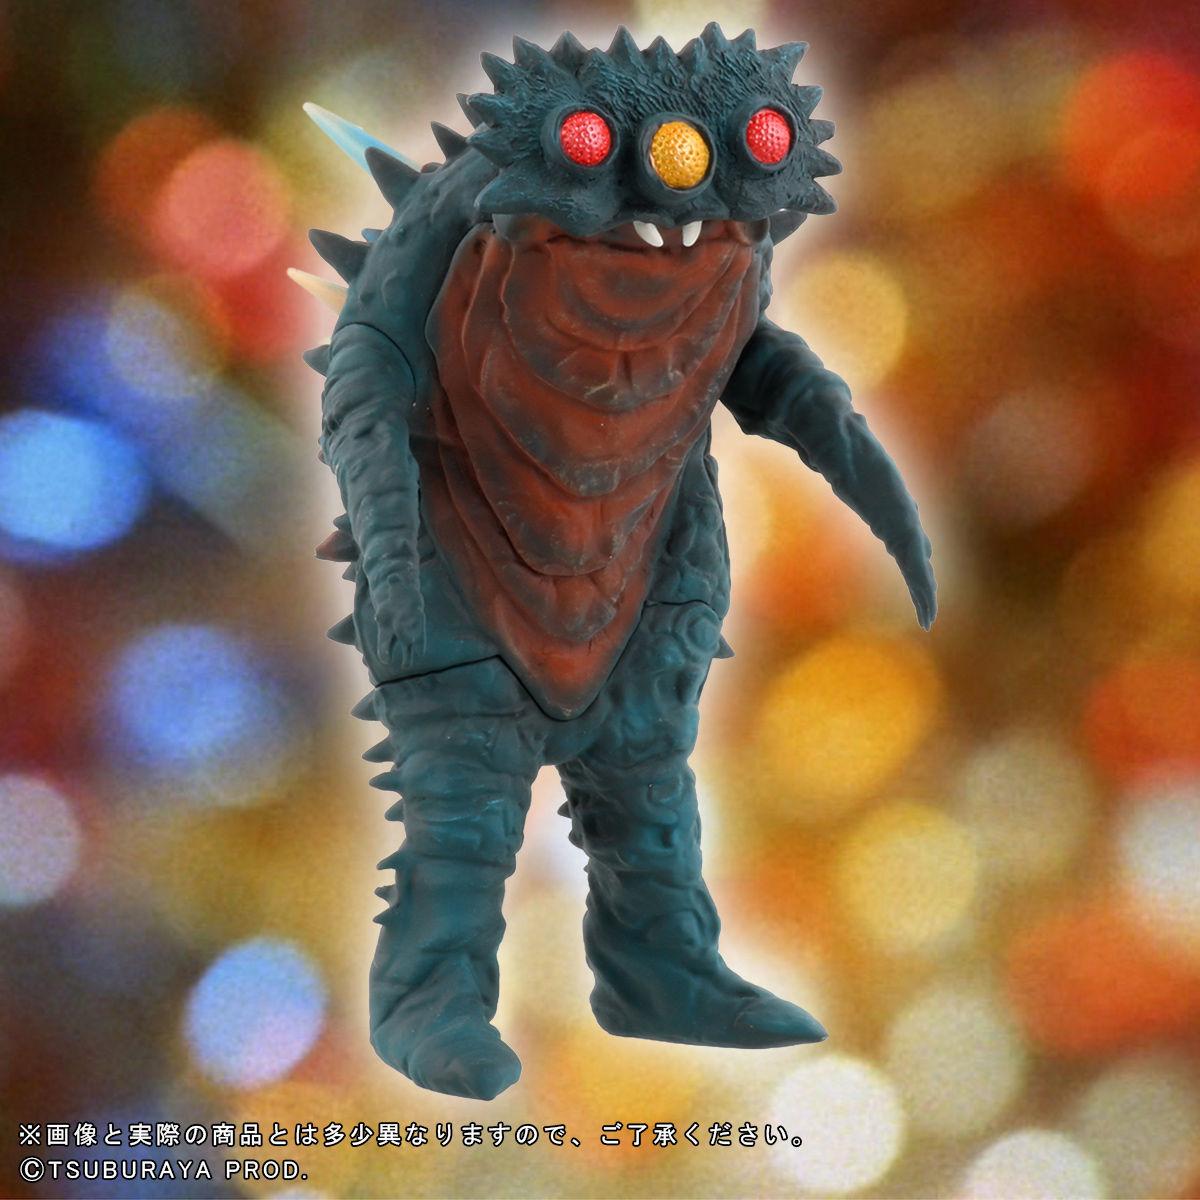 【限定販売】ウルトラ大怪獣シリーズ5000『ビーコン/ギラドラス』完成品フィギュア-002